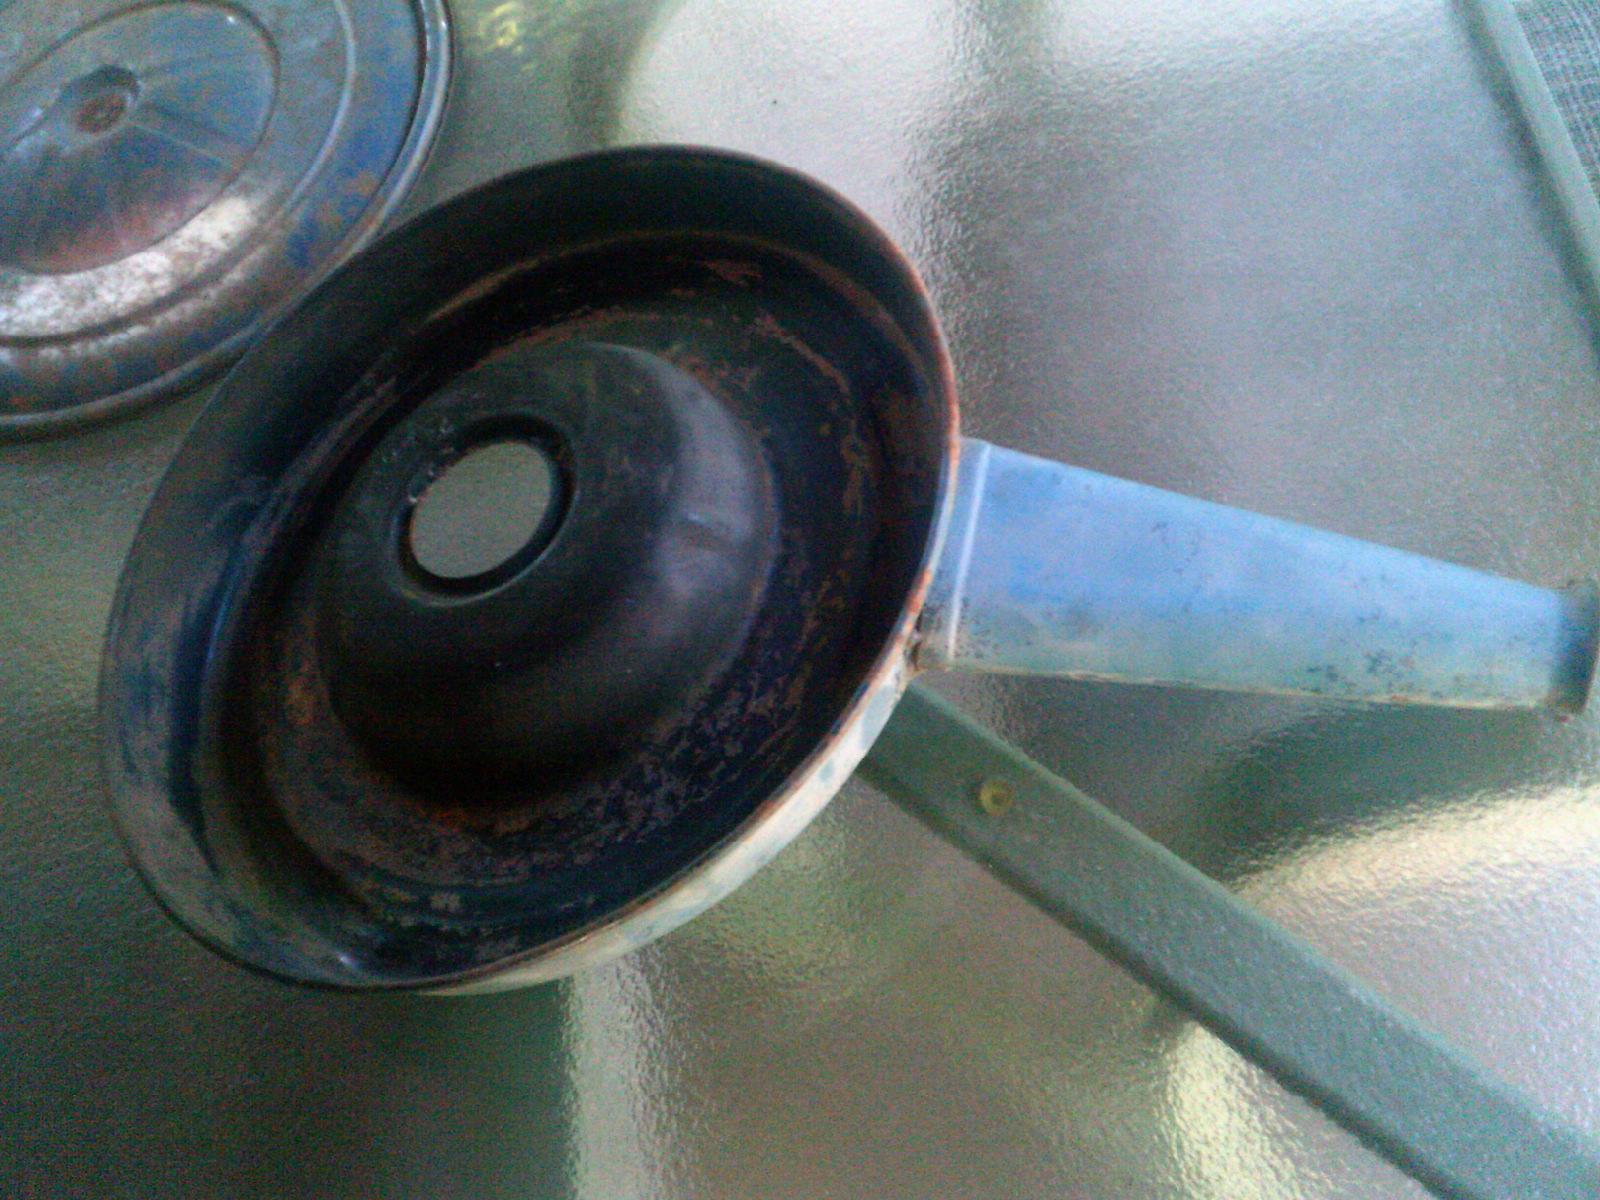 Falcon Air Cleaner : Falcon air cleaner xr xt xw xy car parts qld brisbane